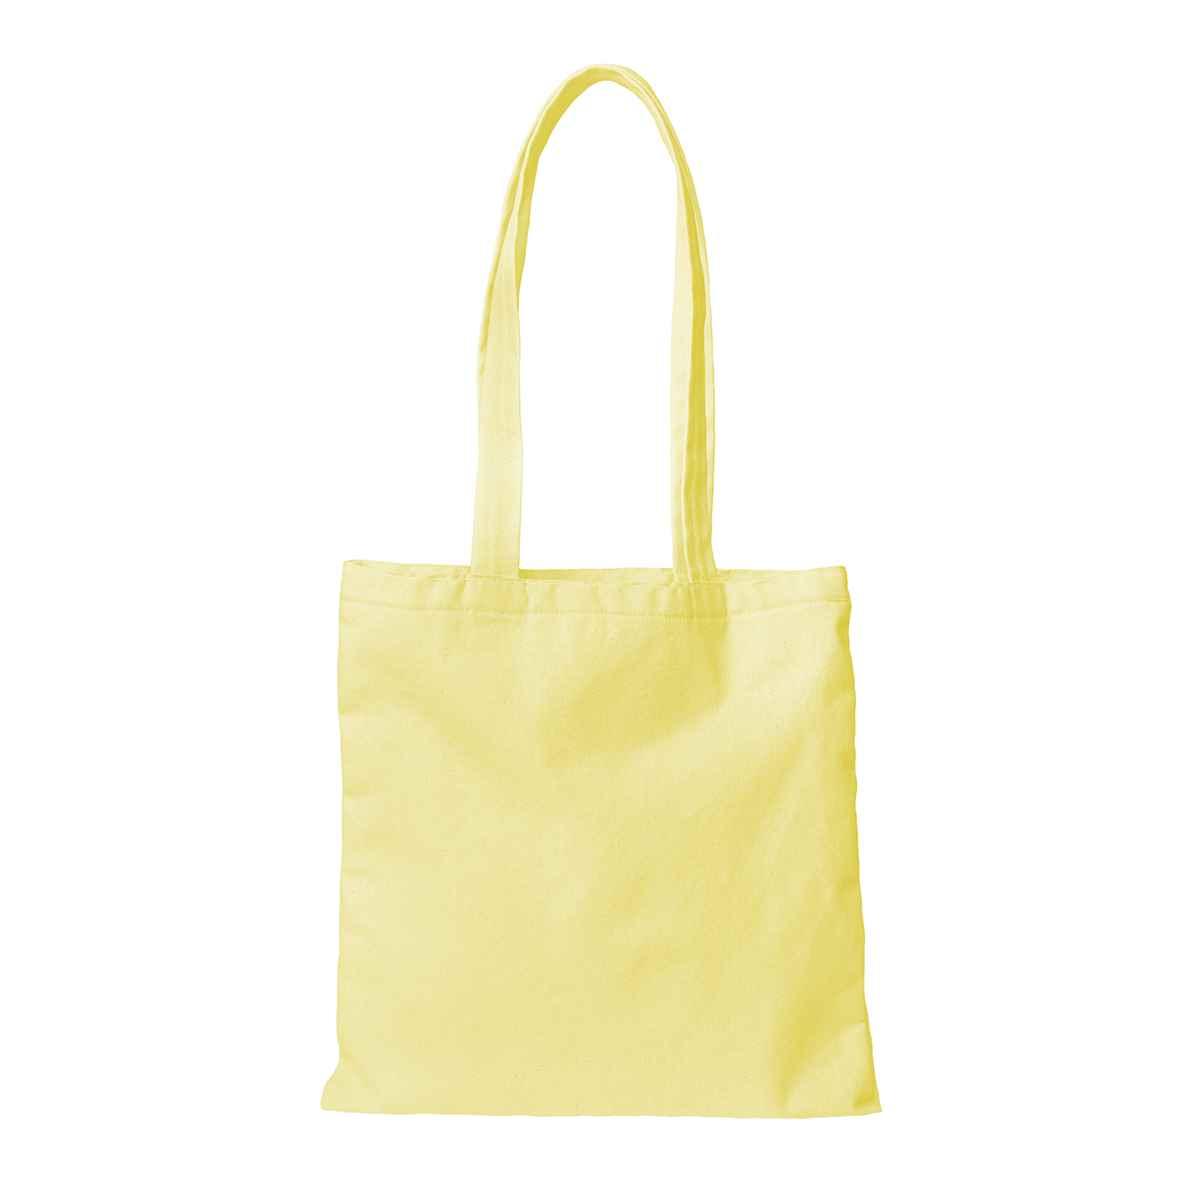 095001 lemon chiffon